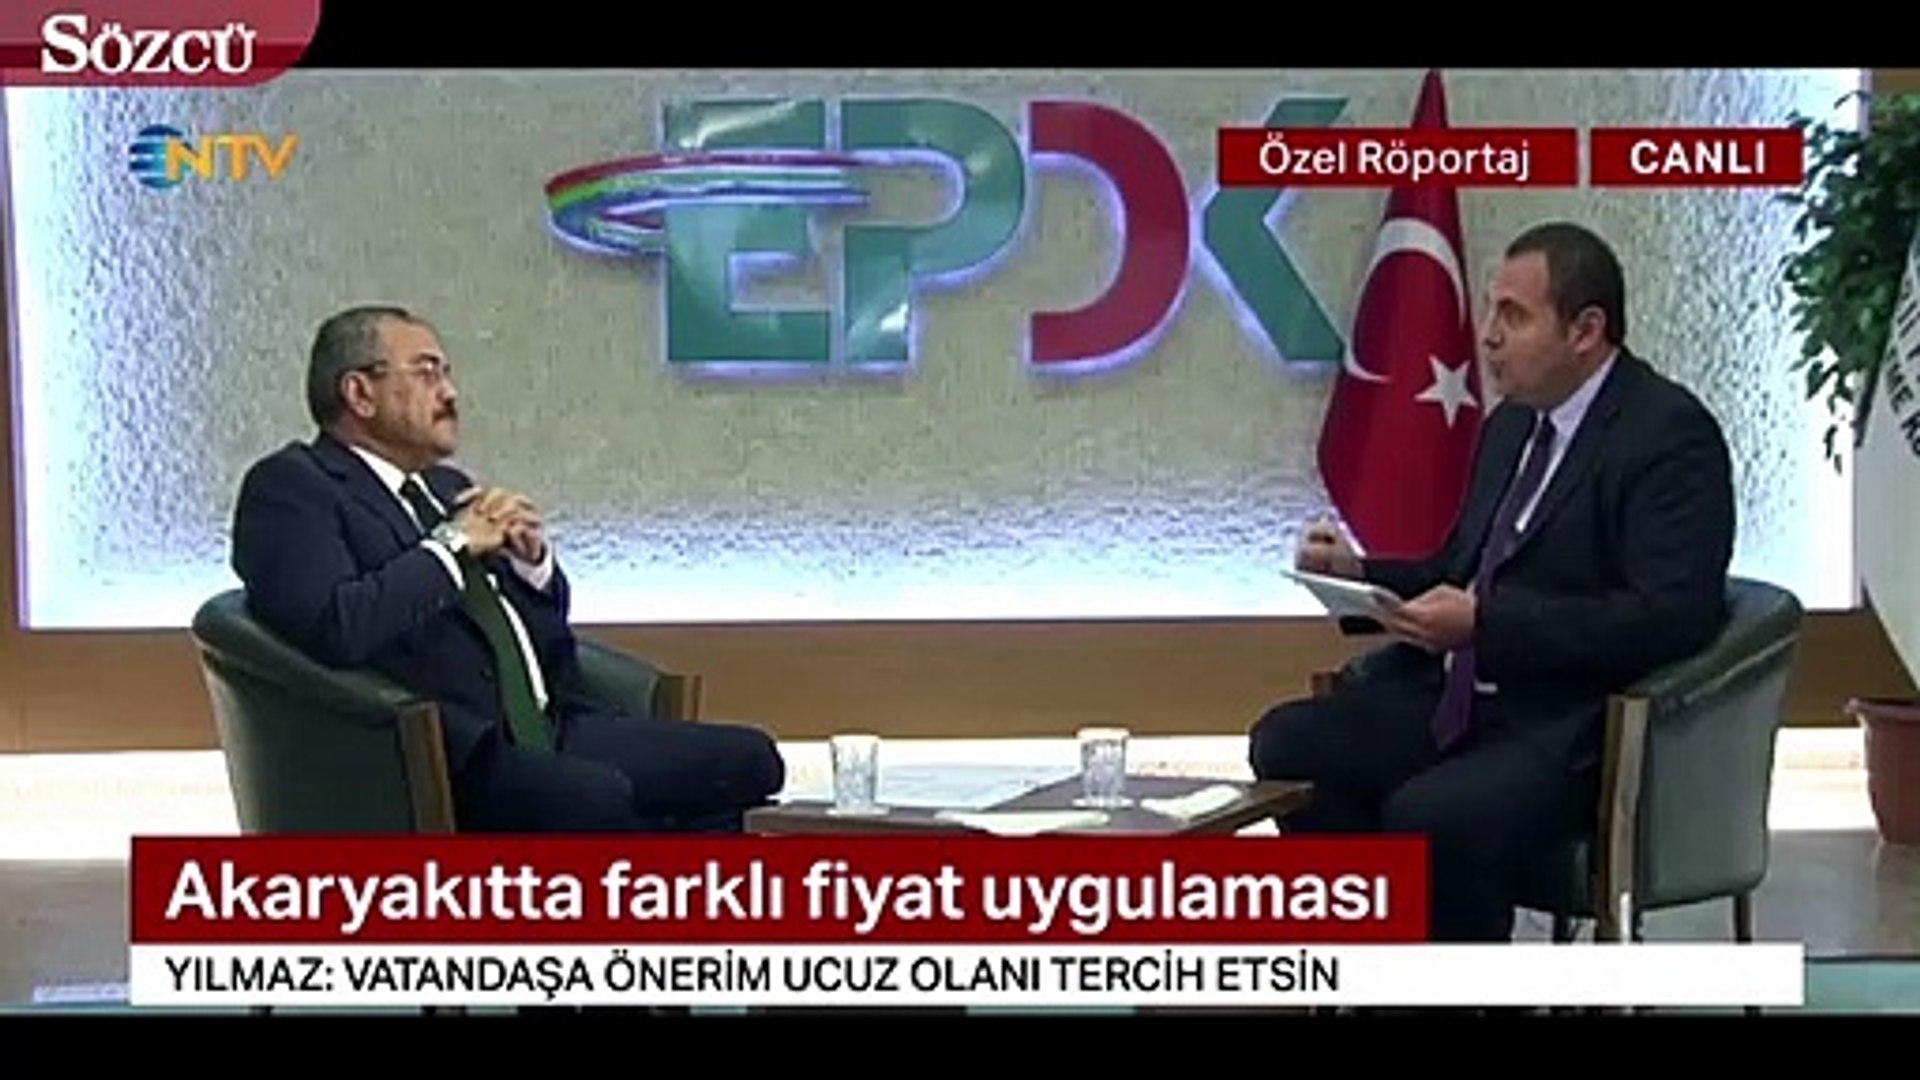 EPDK Başkanı Mustafa Yılmaz açıkladı! Elektrik ve Doğalgaz fiyatlarında indirim olacak mı?